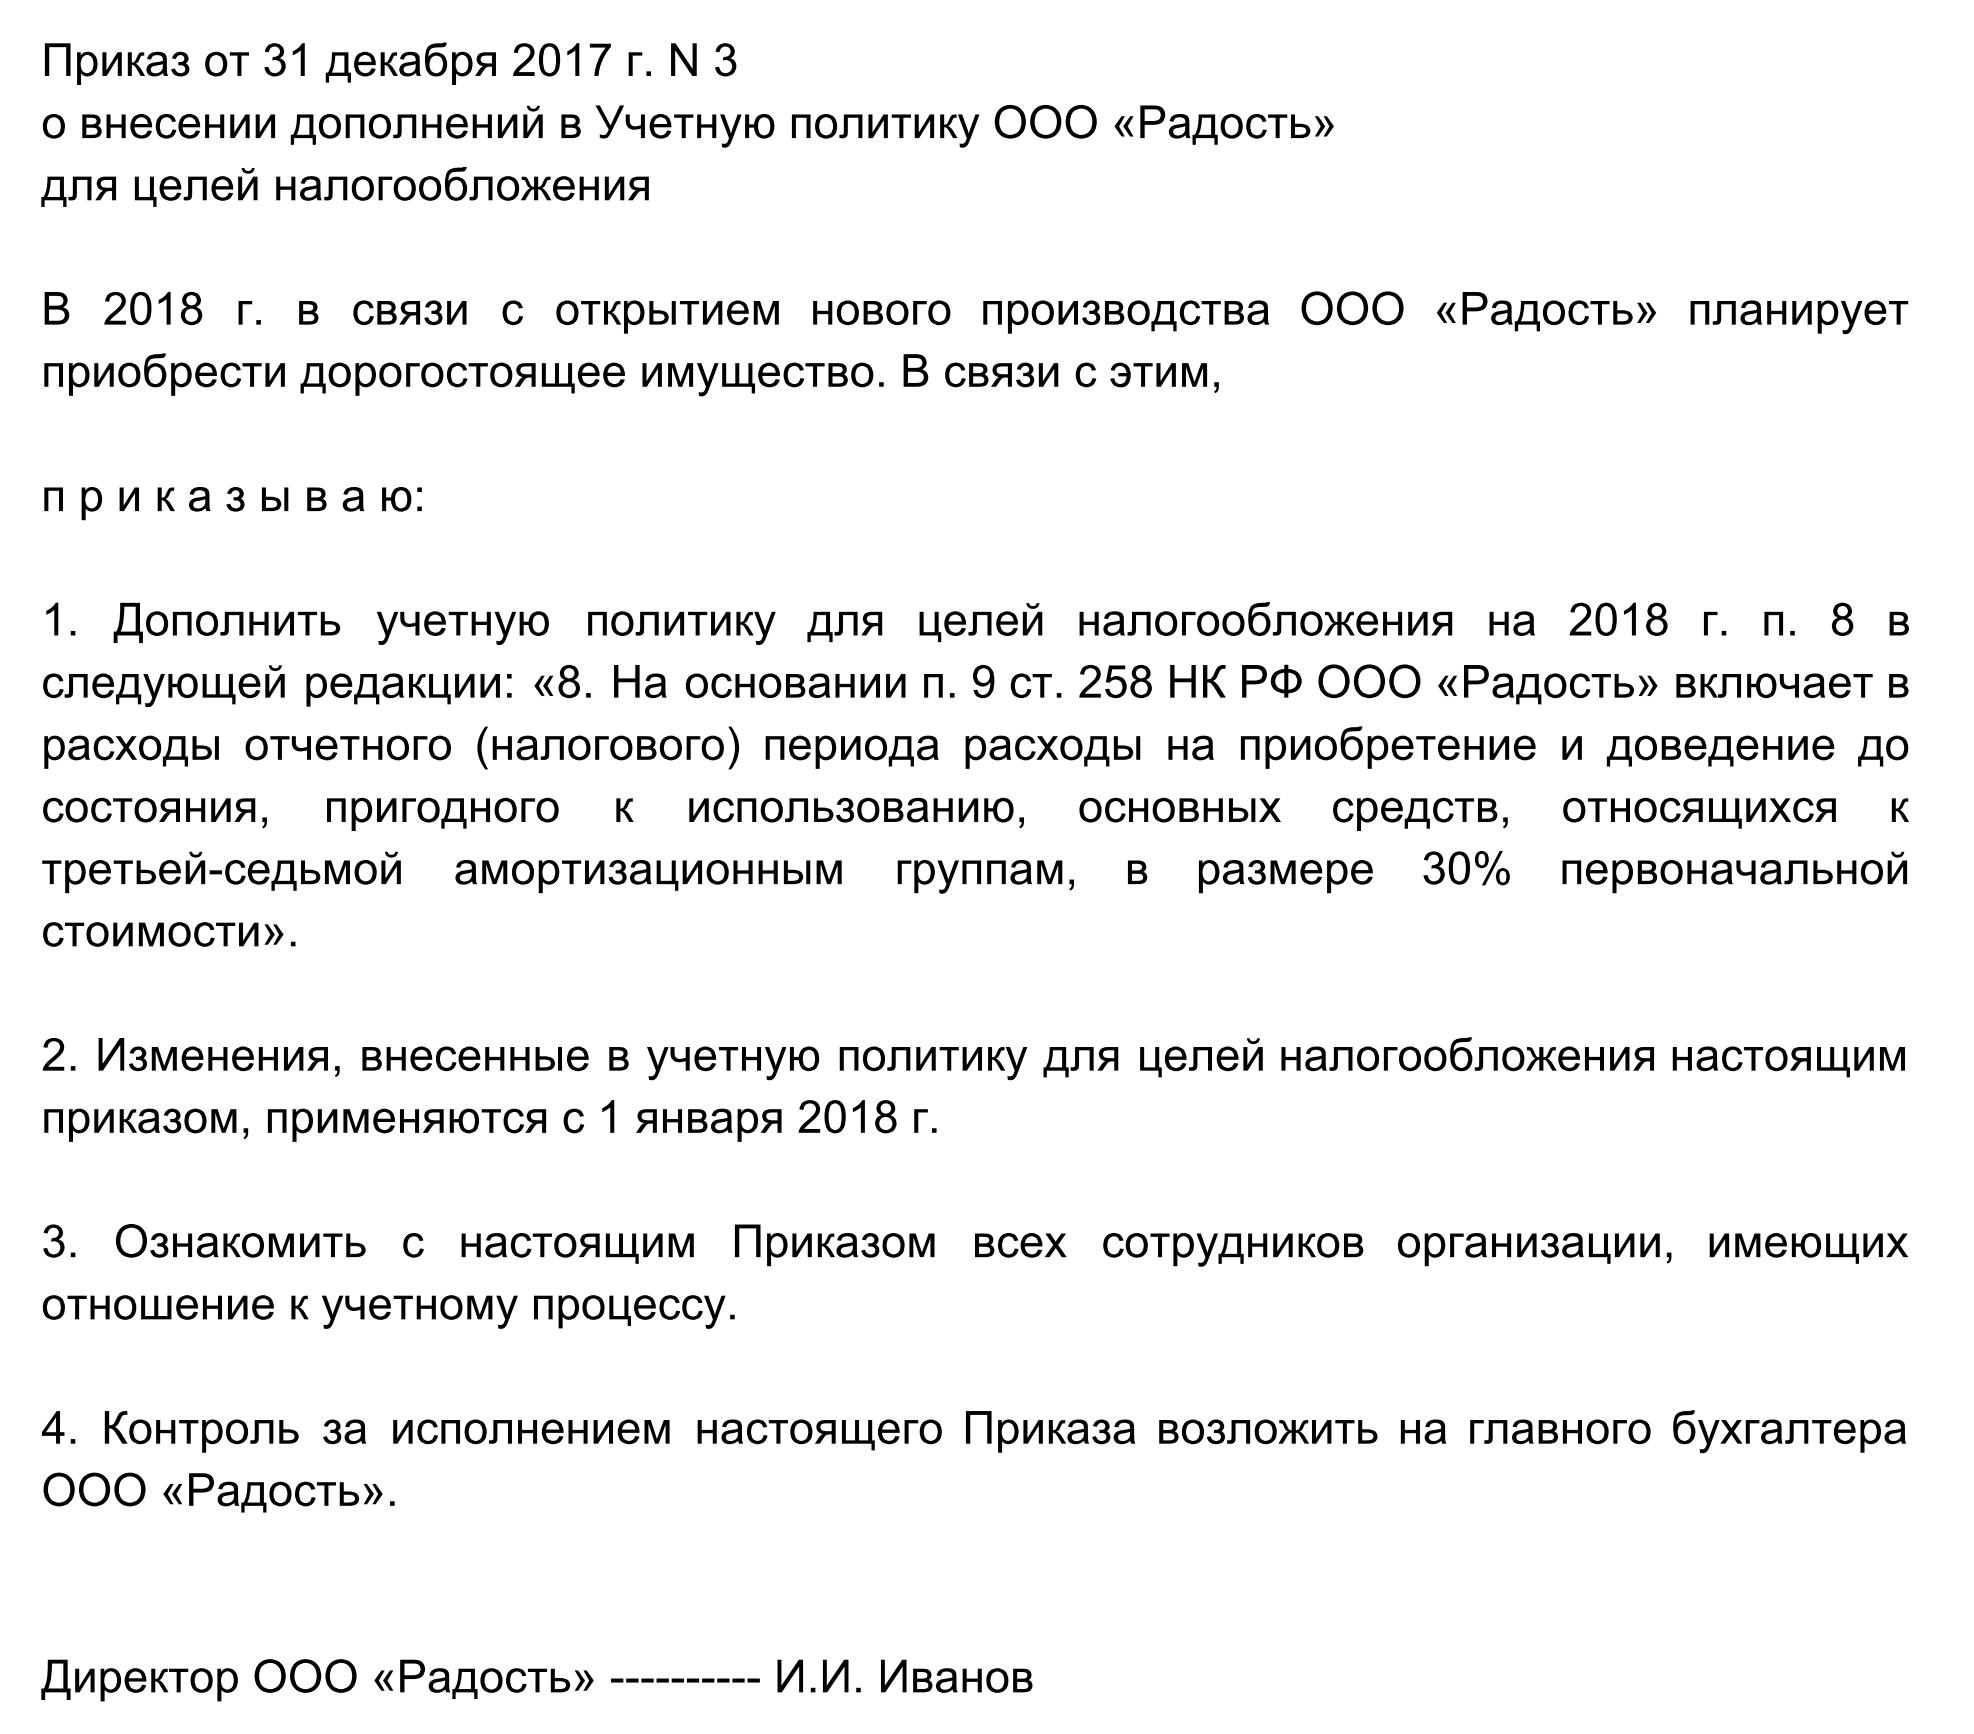 Образец приказа об утверждении учетной политики 2018 | скачать.